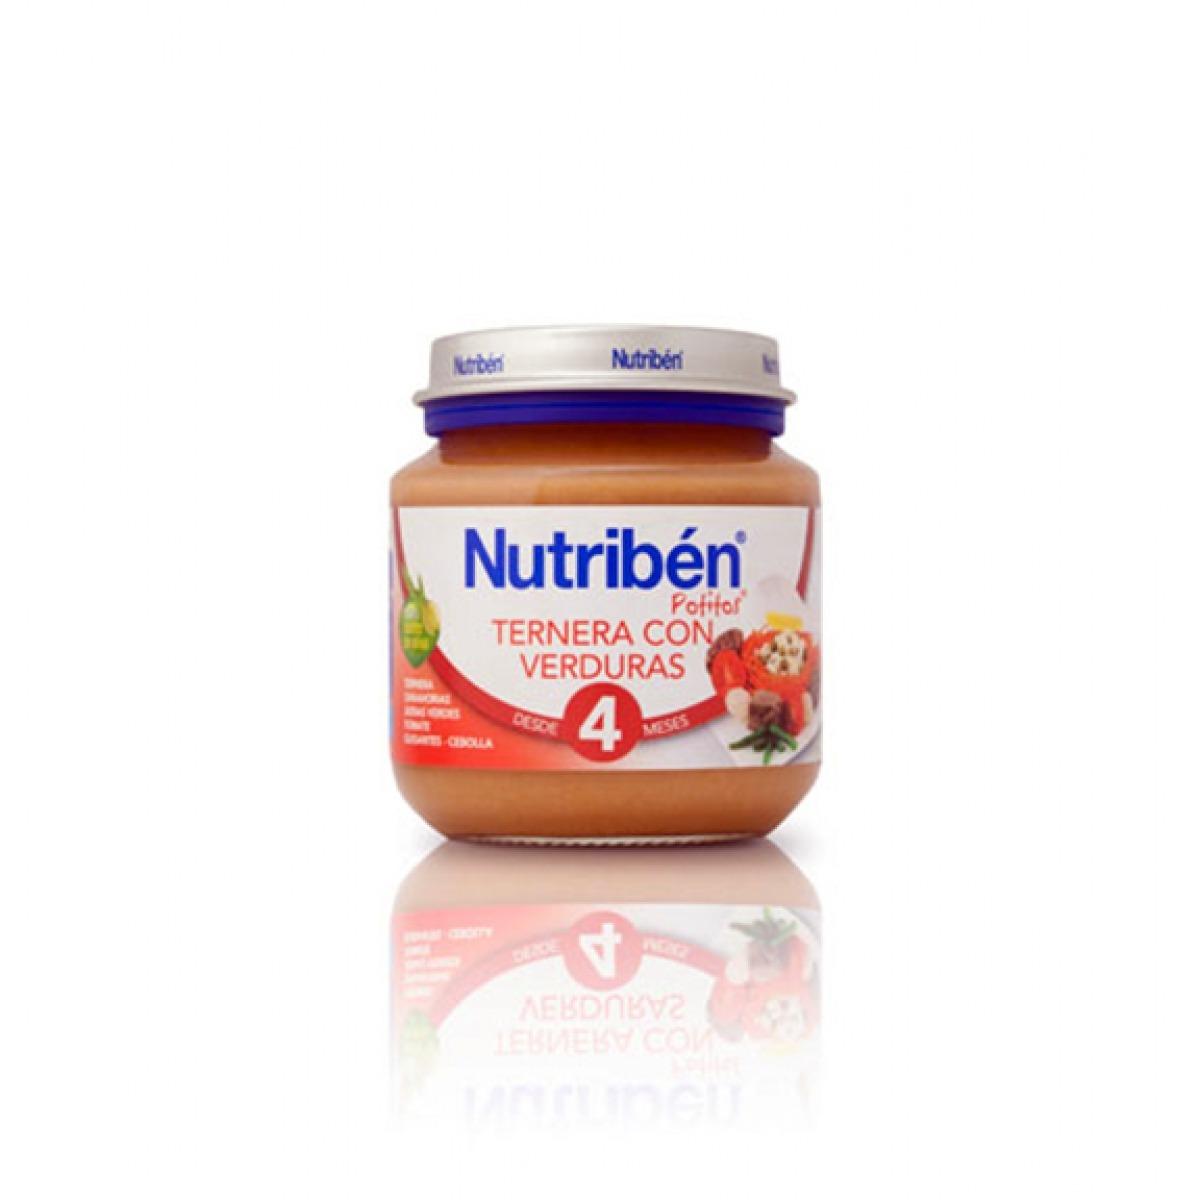 NUTRIBEN TERNERA CON VERDURAS 130 G.